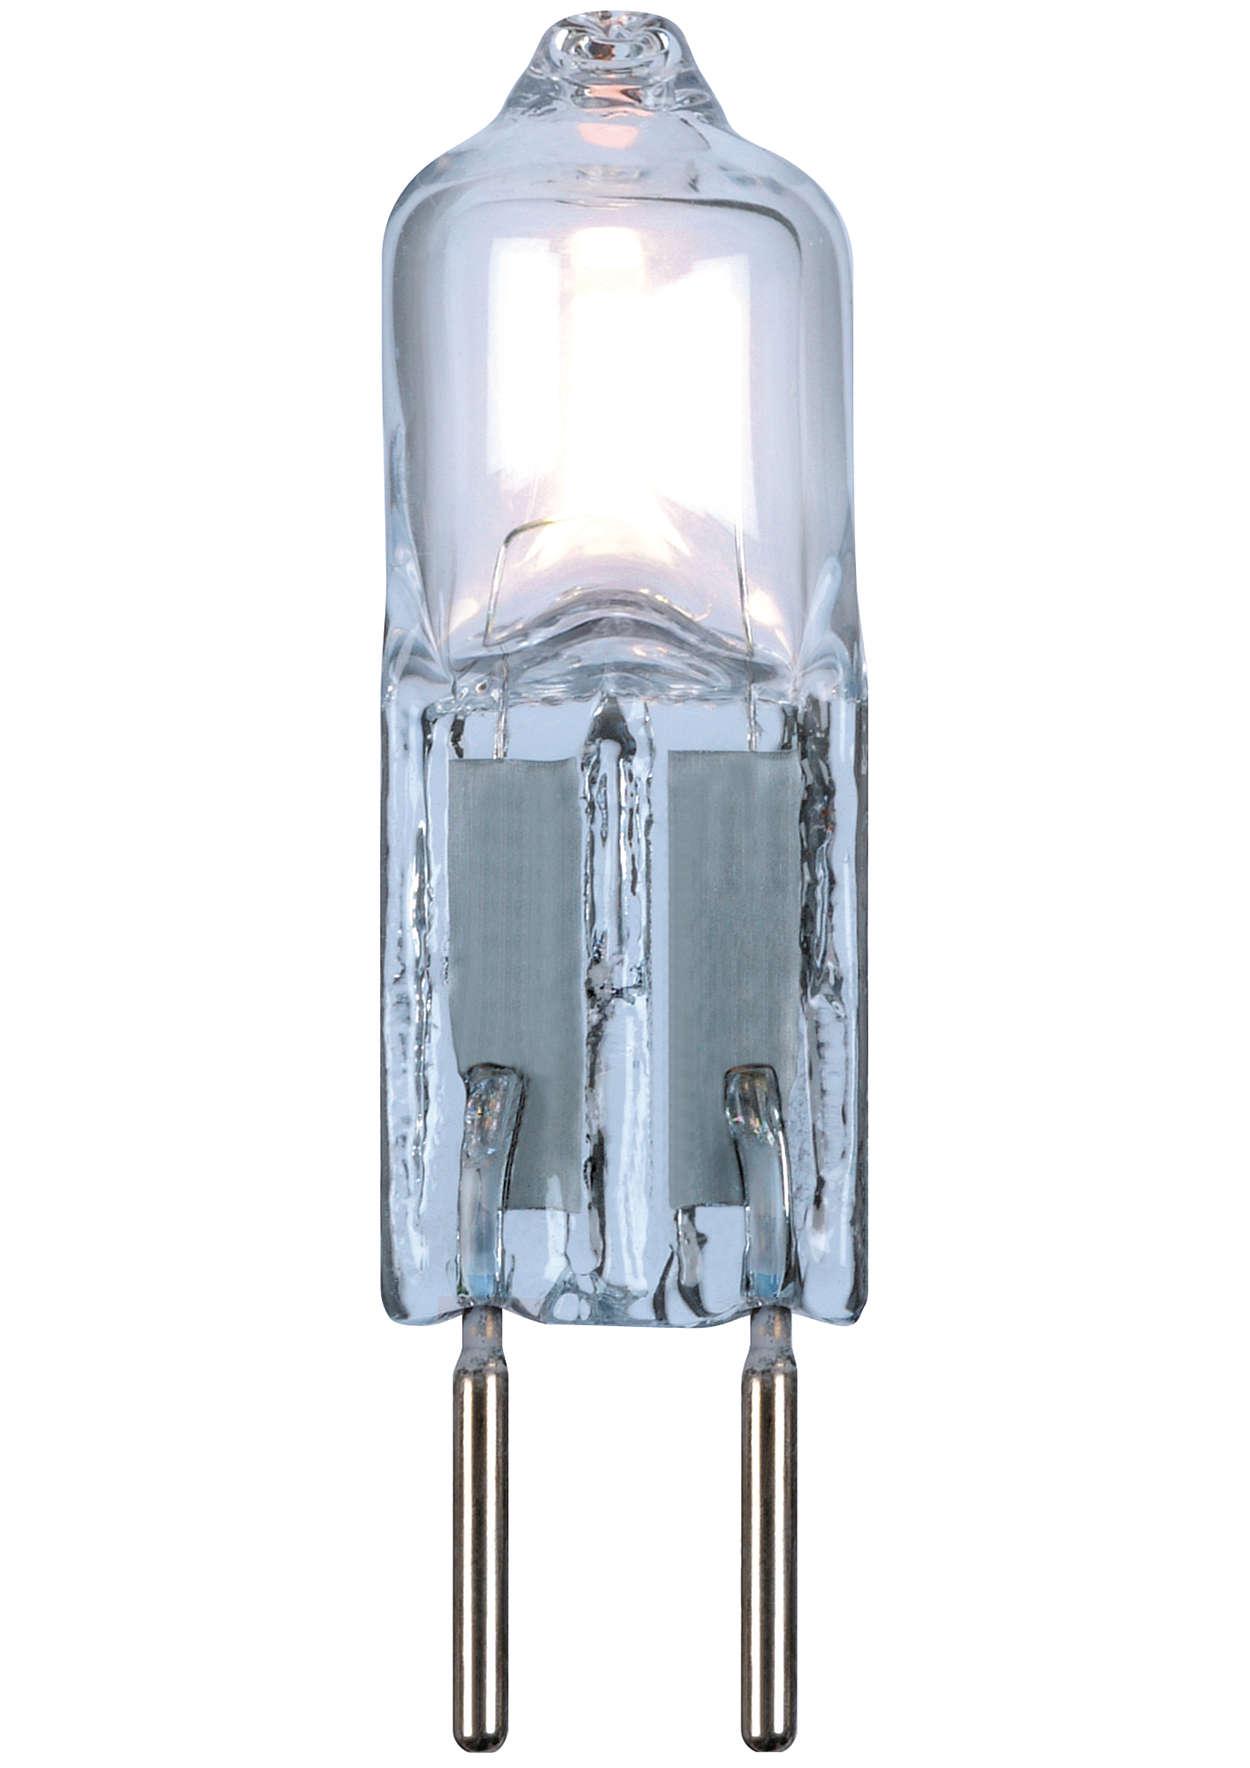 Стандартная галогенная лампа